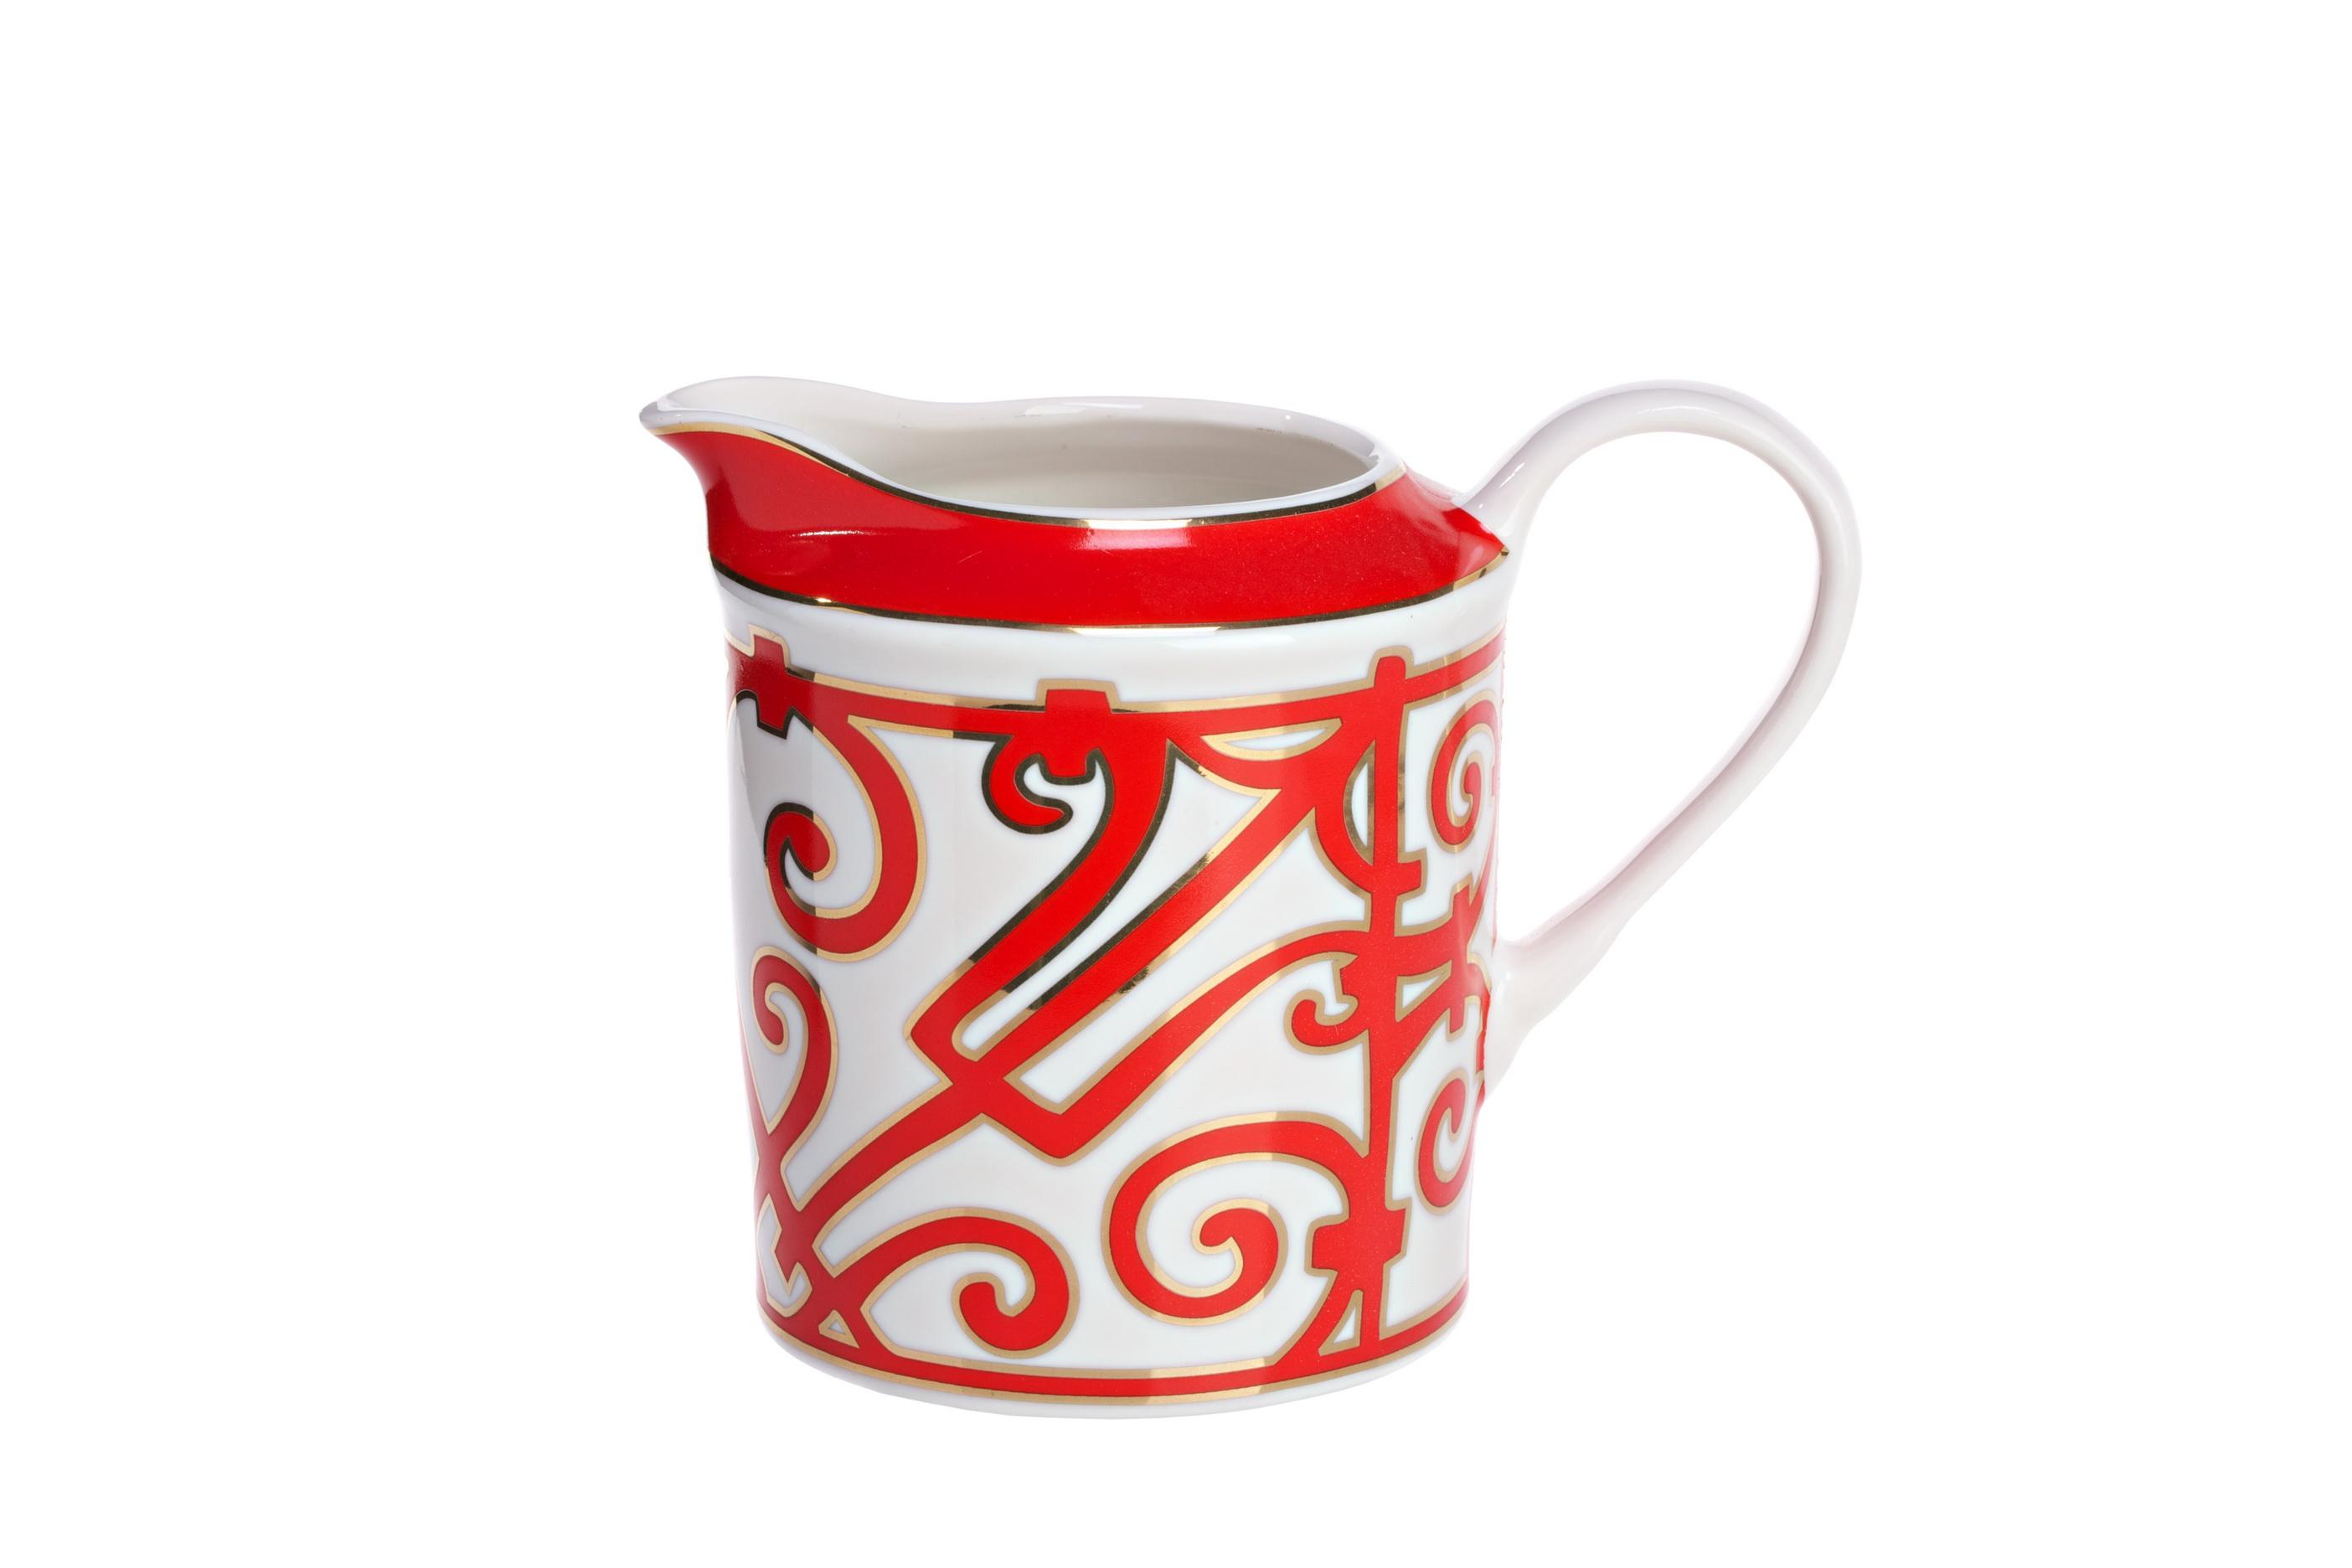 Молочник HeritageКофейники и молочники<br>Эффектный и яркий молочник коллекции «Heritage» (Наследие) дополнит сервировку классической чайной церемонии. <br>Традиция пить чай с молоком издревле существовала и в европейских, и в восточных странах. Считается, что в Россию этот обычай пришел из Англии, где five o&amp;#39;clock tea стал визитной карточкой страны. И хотя знатоки спорят о рецепте идеального чая – добавлять ли чай в молоко или молоко в чай – в одном они сходятся – чай с молоком, безусловно, приобретает изысканный и богатый вкус.<br>Молочник «Heritage» выполнен из превосходного костяного фарфора и декорирован оригинальным орнаментом алого цвета в стиле модерн (moderne). Изящная ручка и удобный носик делают использование молочника удобным и приятным. <br>Как и другие изделия серии, вы можете приобрести его отдельно или в составе сервиза.<br><br>Material: Фарфор<br>Width см: 14<br>Depth см: 12<br>Height см: 9